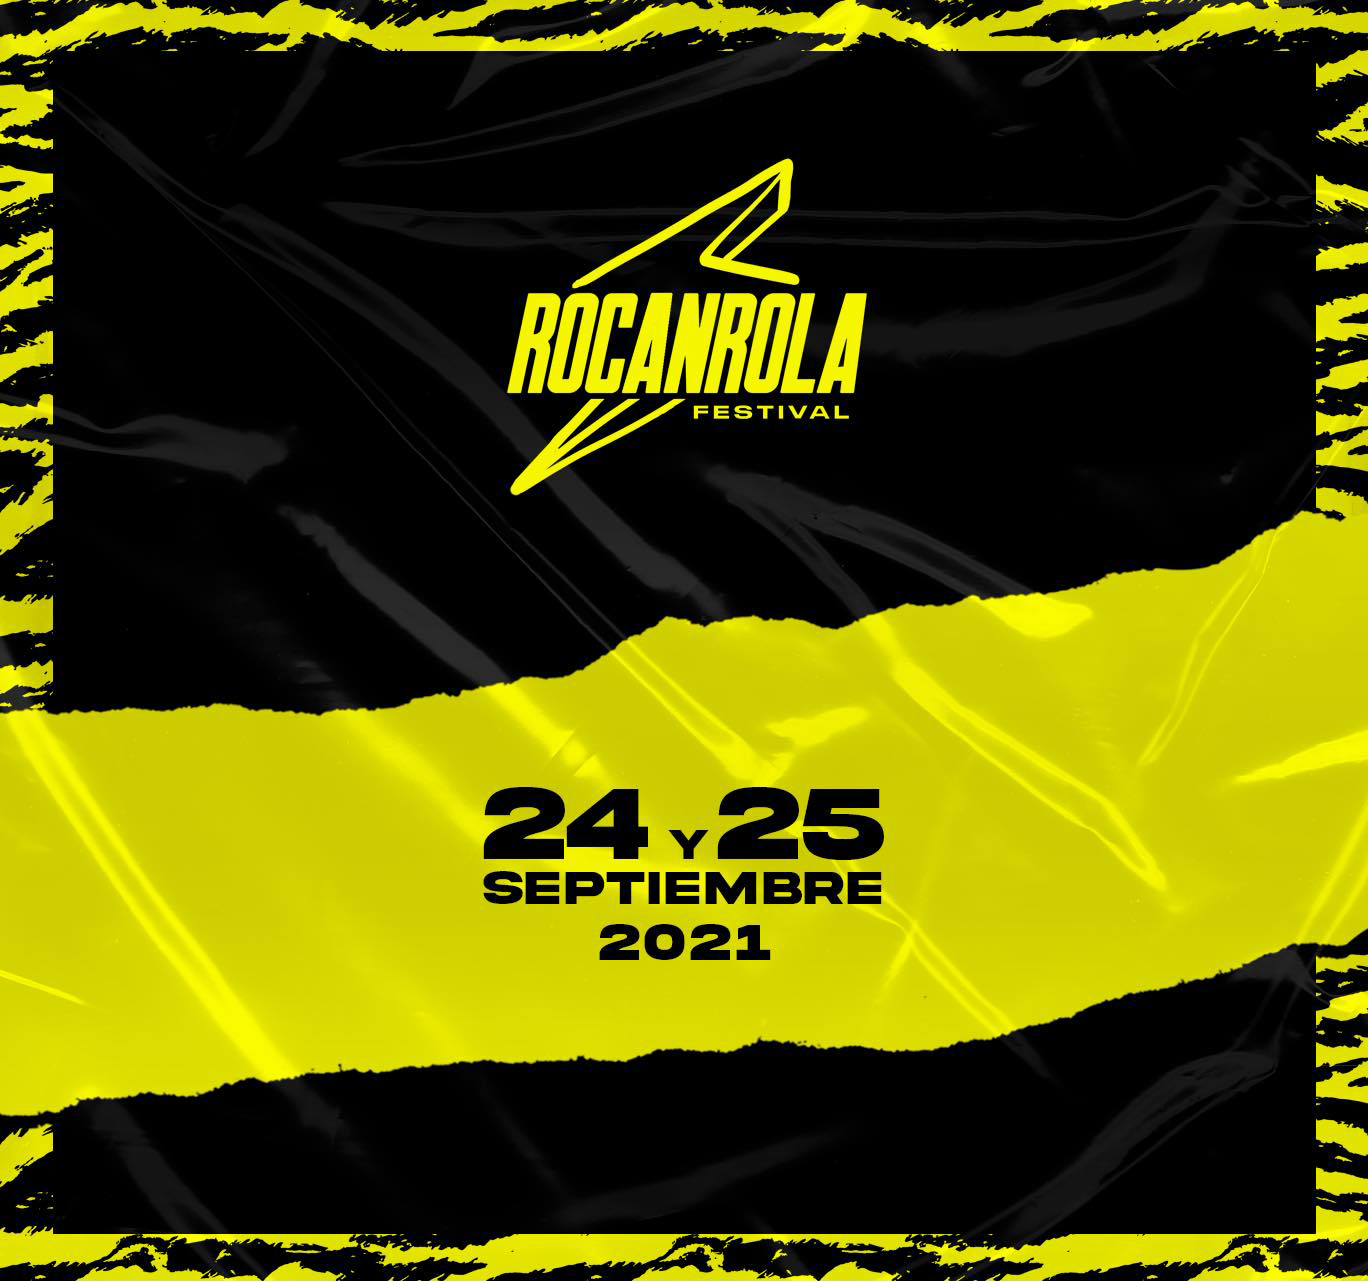 cambio-de-nombre-festival-rocanrola-5f7434d727e14.png